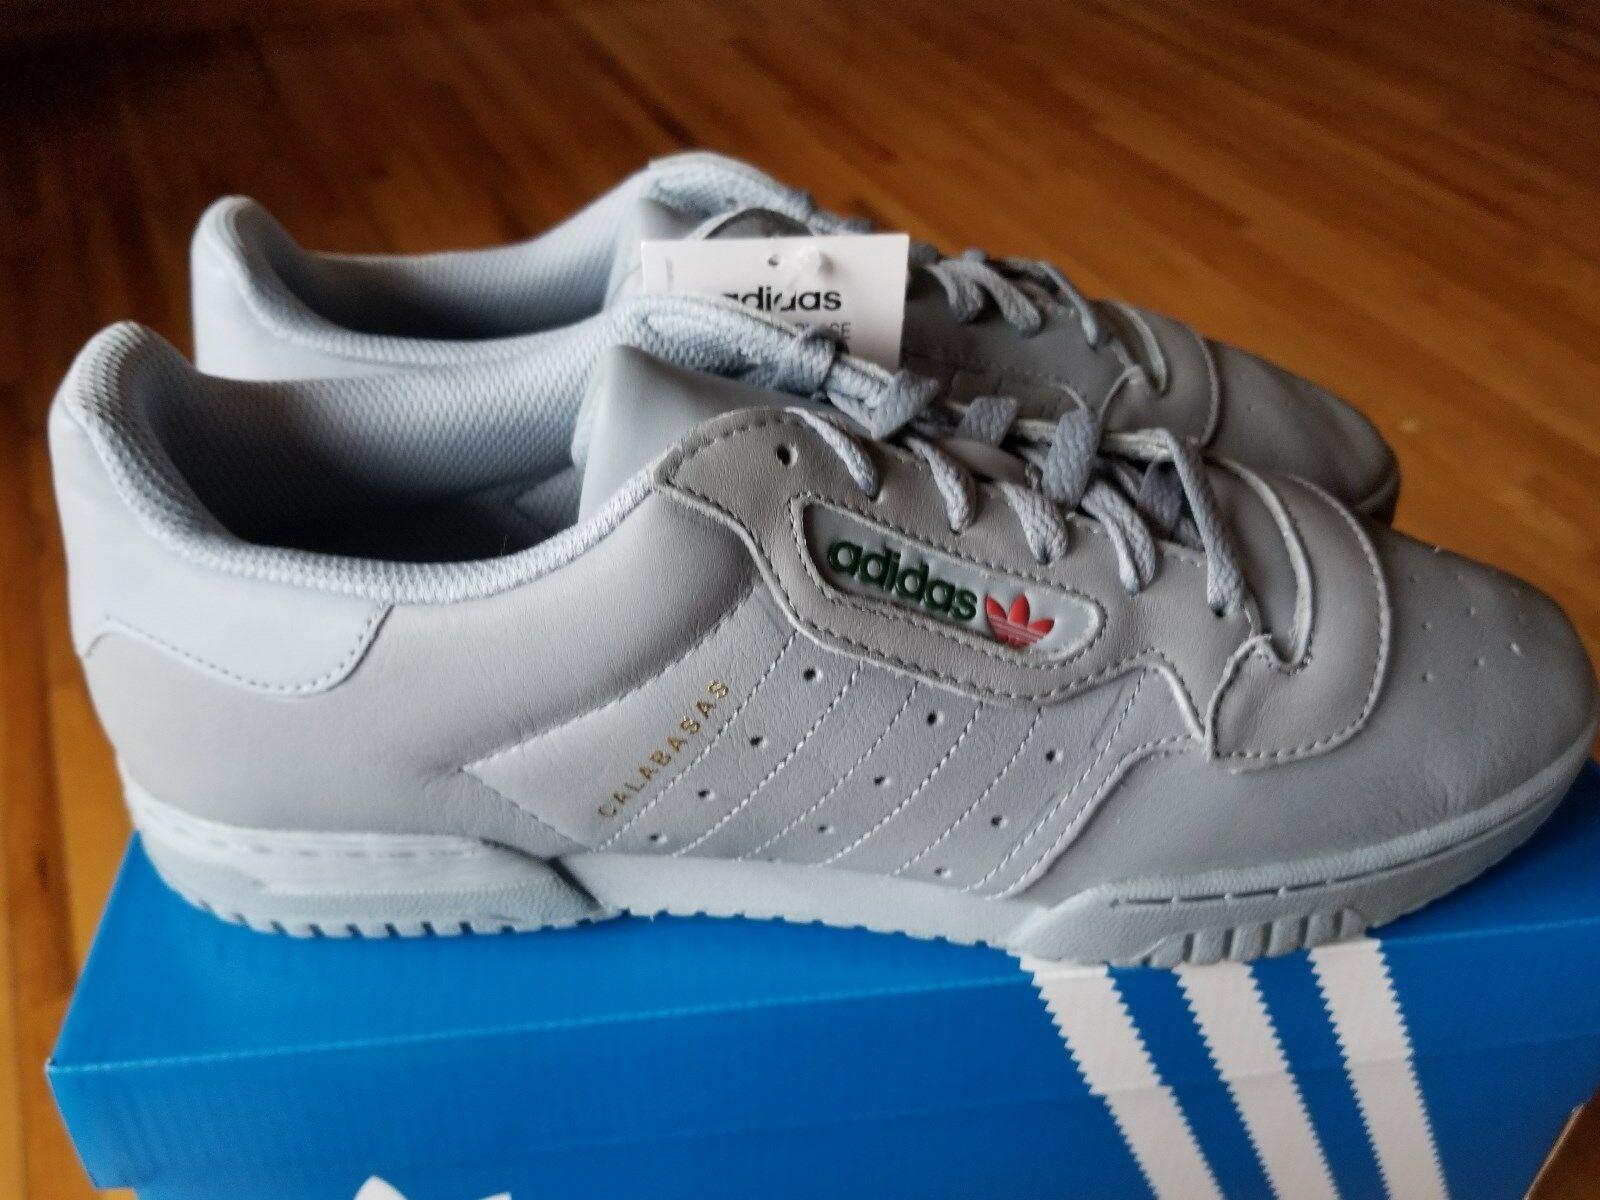 Adidas Yeezy Powerphase Calabasas Gris CG6422 Marca Nuevos en Caja